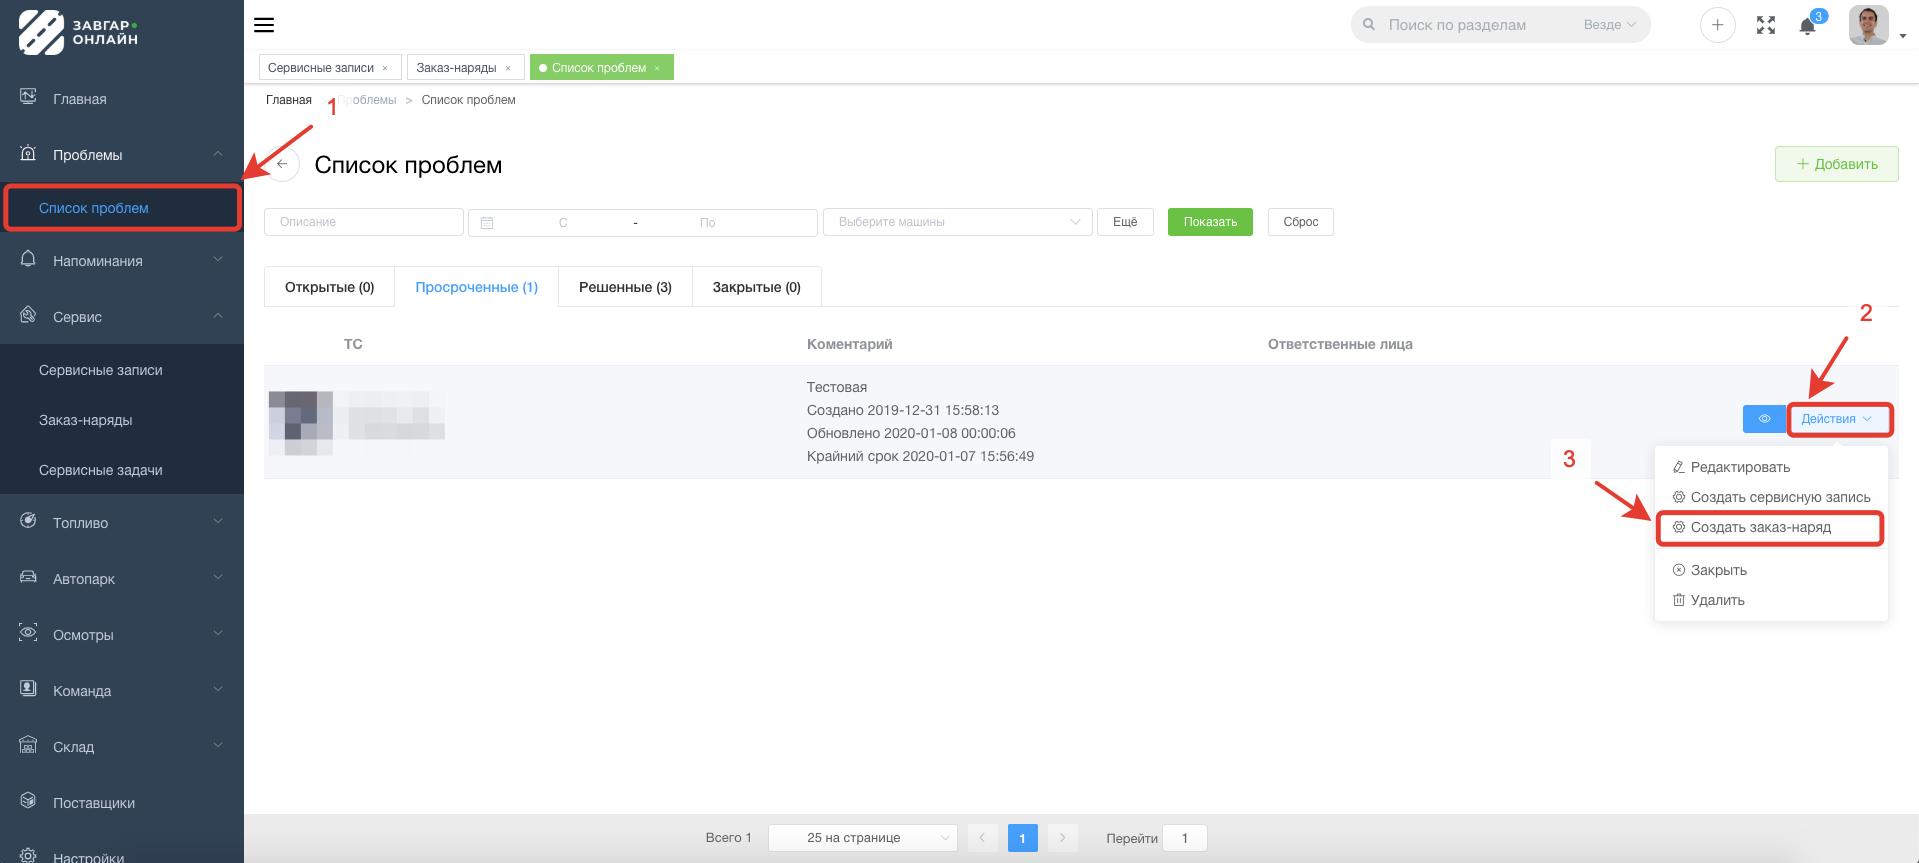 Добавление Заказ-наряда в системе Завгар Онлайн